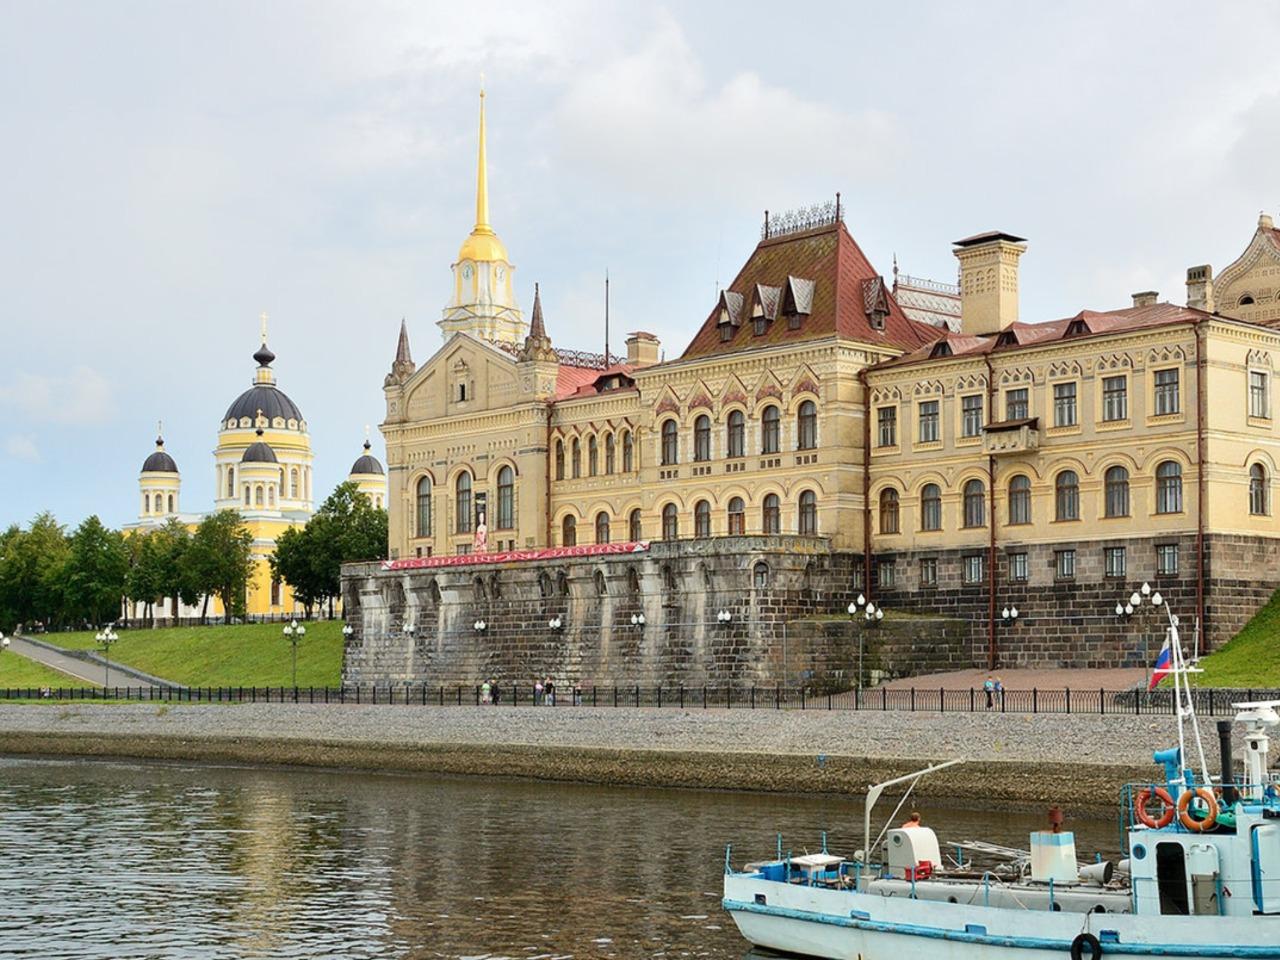 Путешествие в Рыбинск - индивидуальная экскурсия в Ярославле от опытного гида